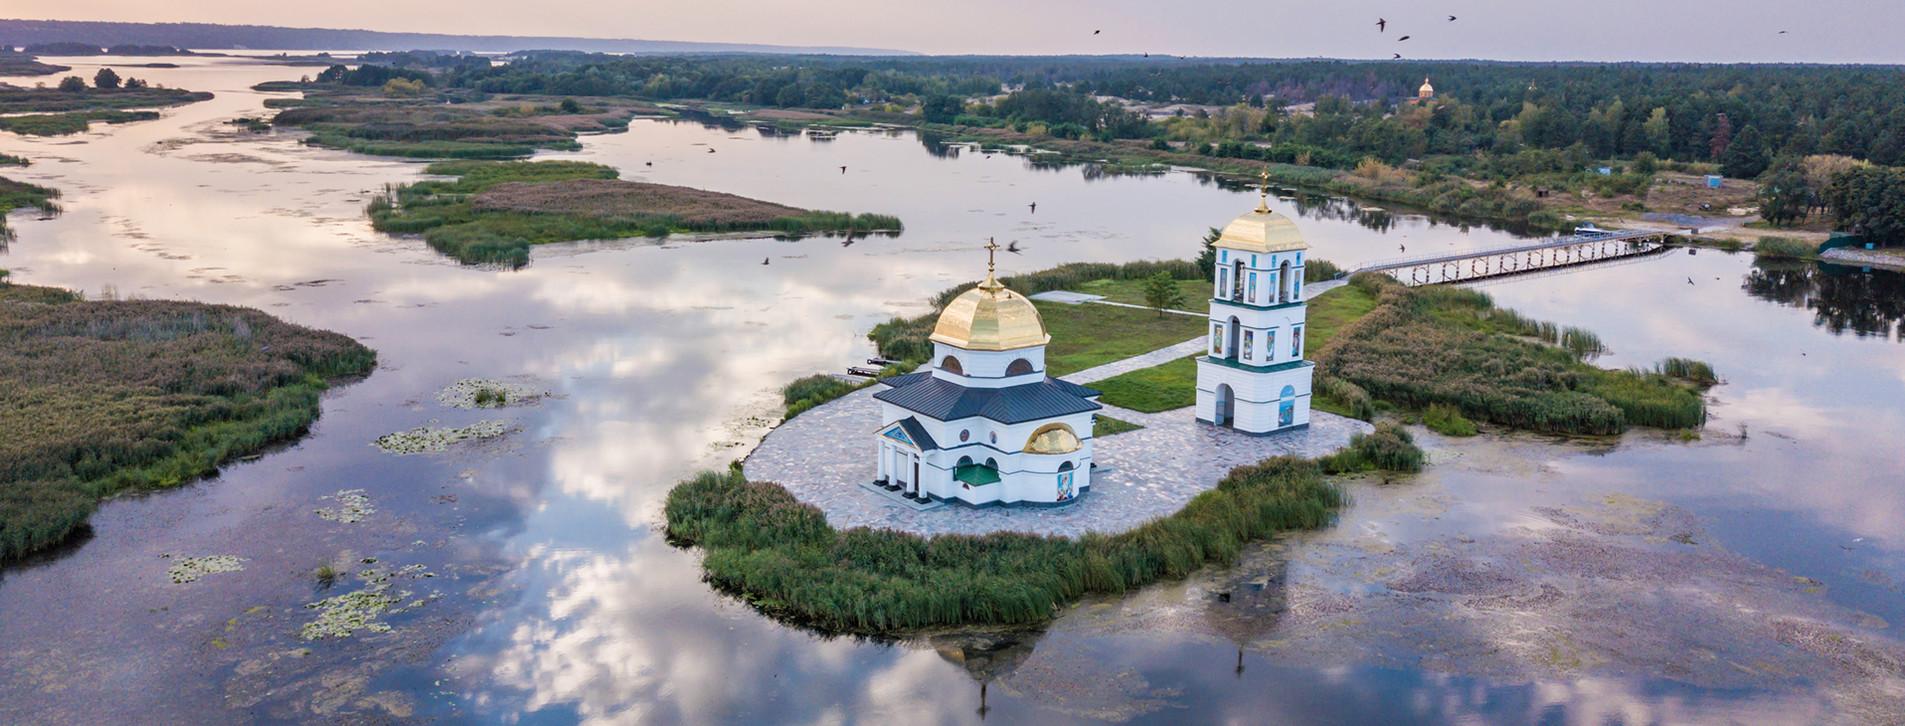 Фото - Тур к затопленной церкви и днепровским кручам для двоих